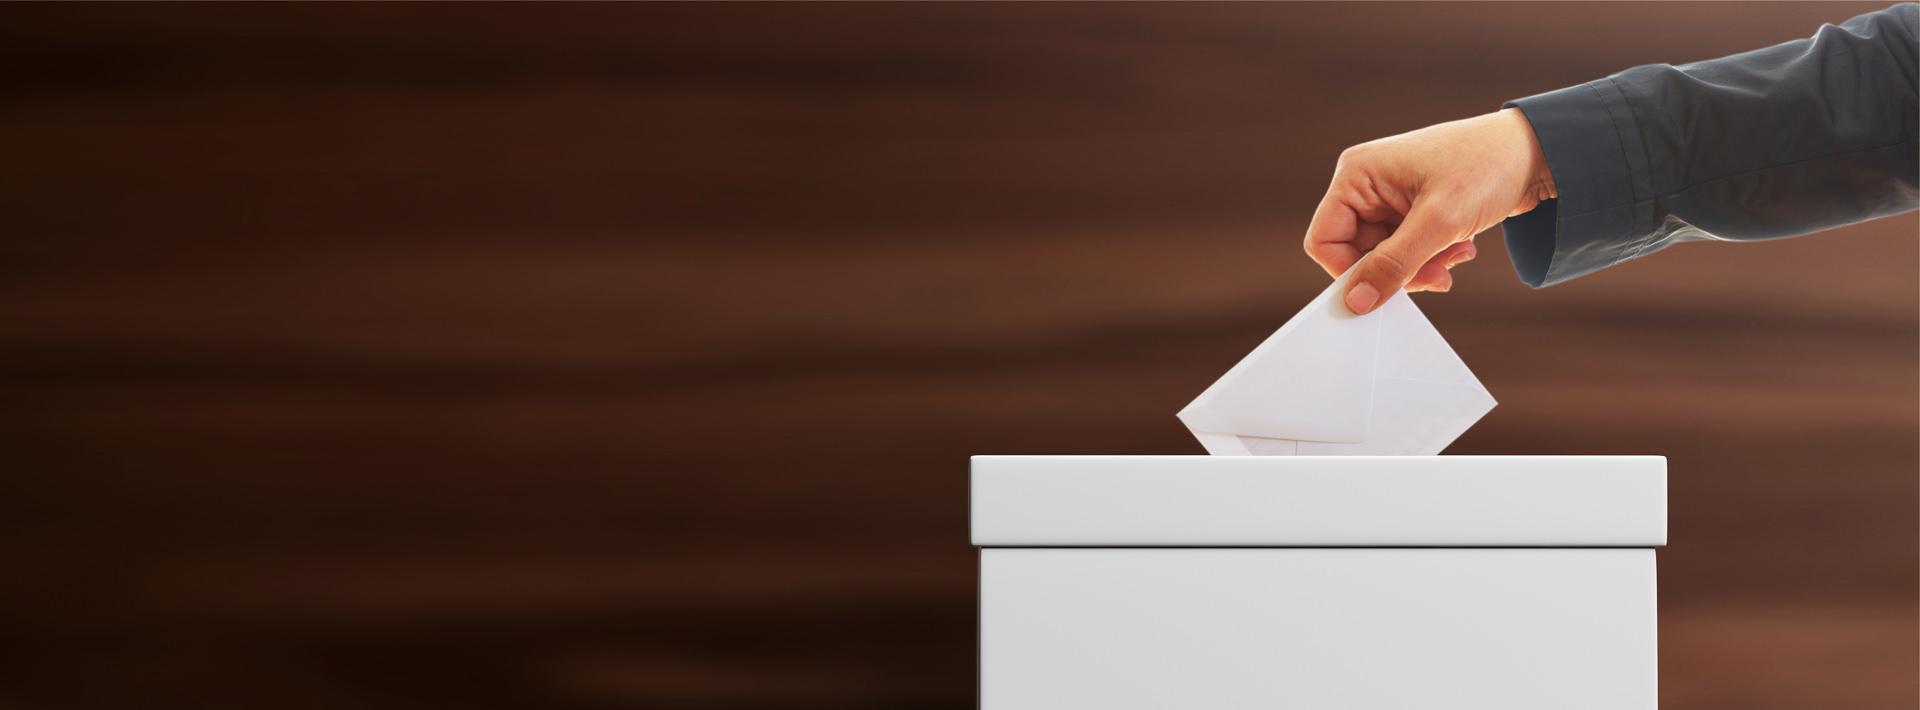 Image en-tête - Élection municipale